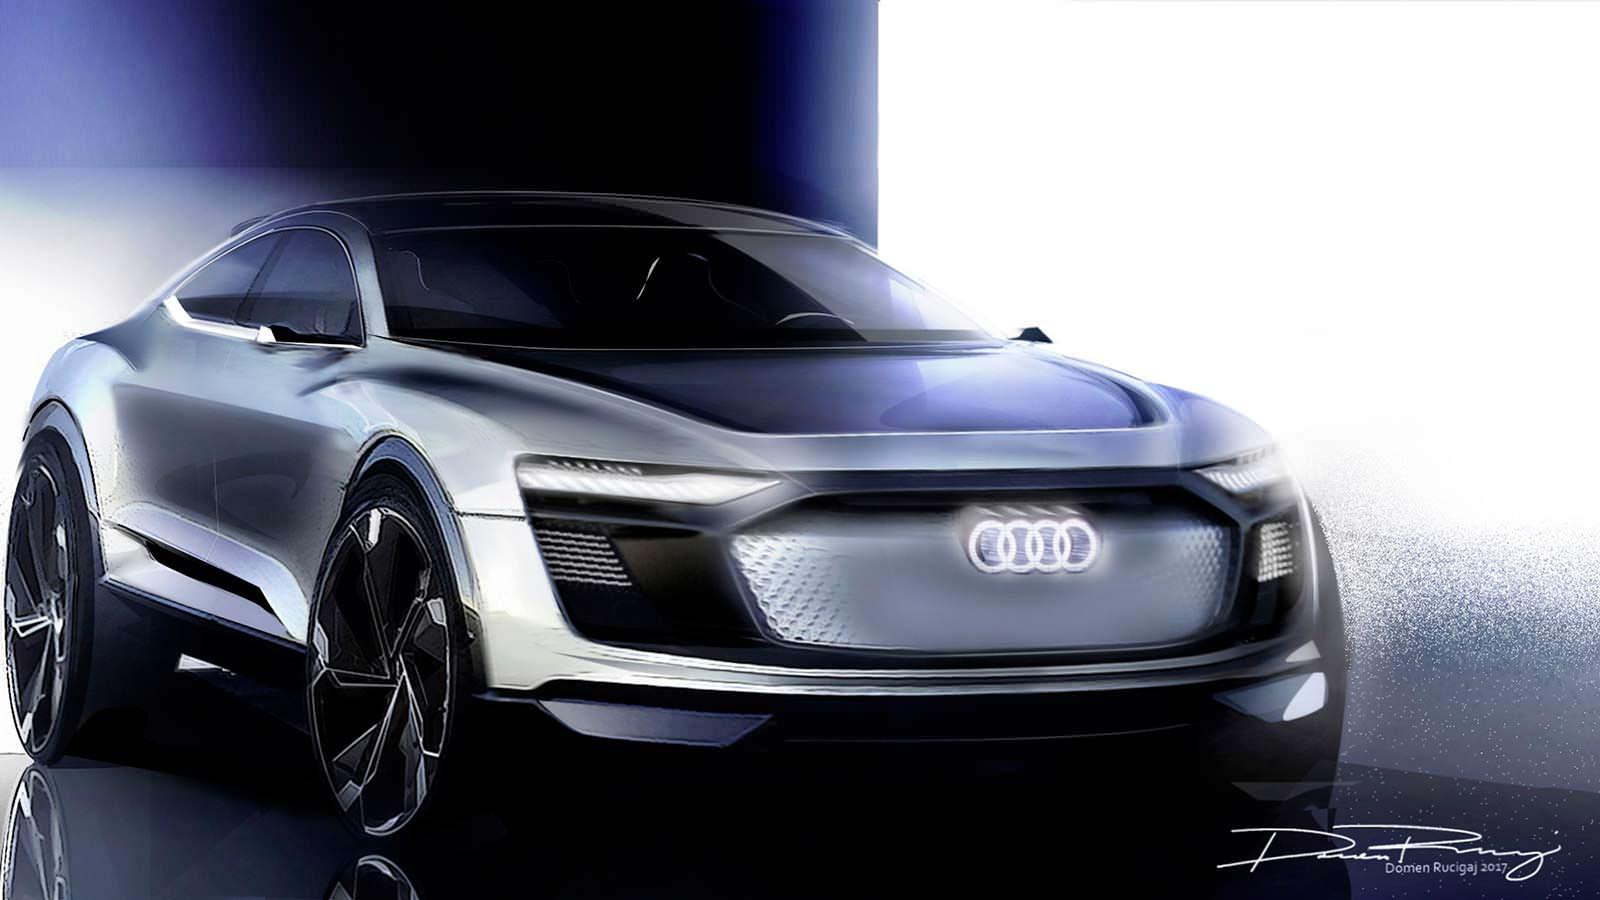 Кроссовер Ауди E-Tron Concept Sportback рассекречен наизображениях допремьеры